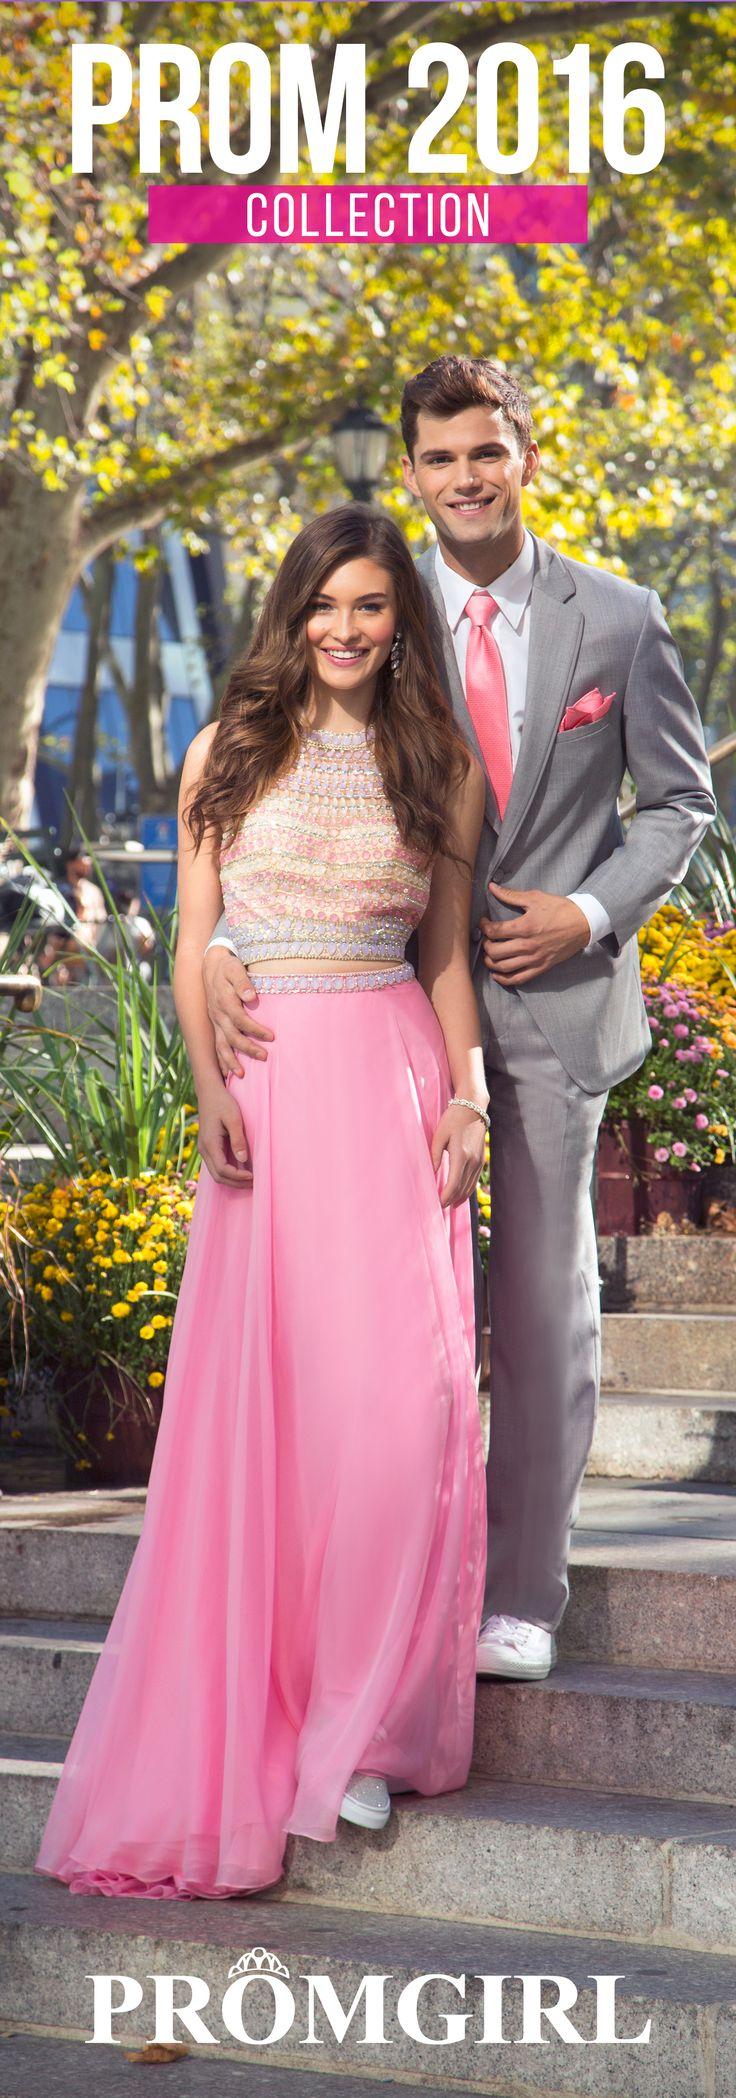 49 best Prom 2016: Sherri Hill images on Pinterest | Formal dresses ...